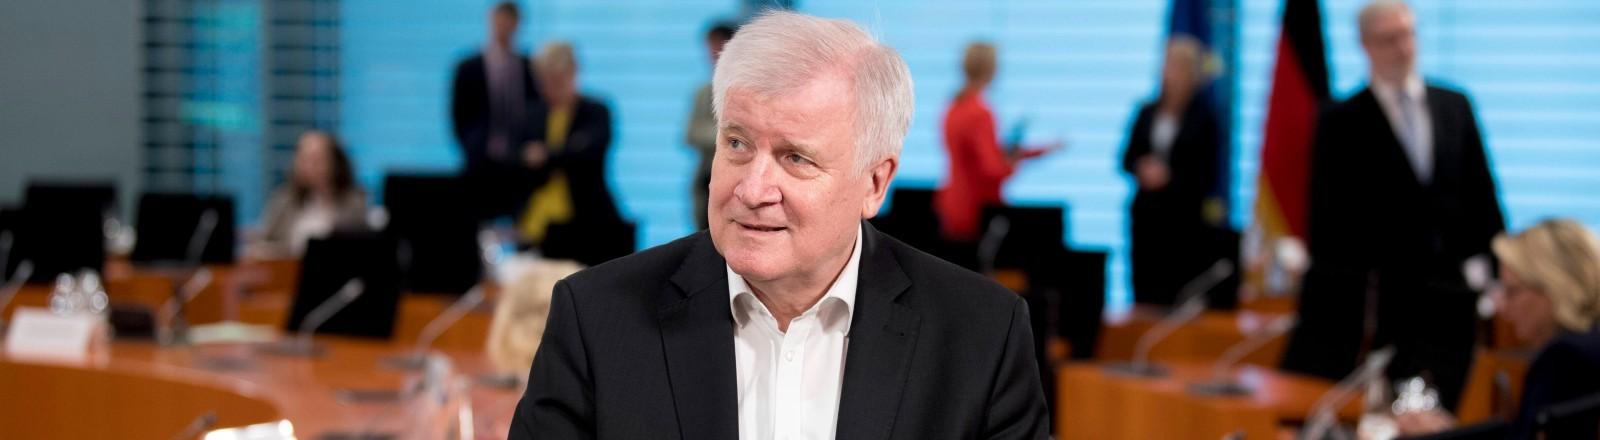 Horst Seehofer sitzt angelehnt an einen Tisch in einem Konferenzraum